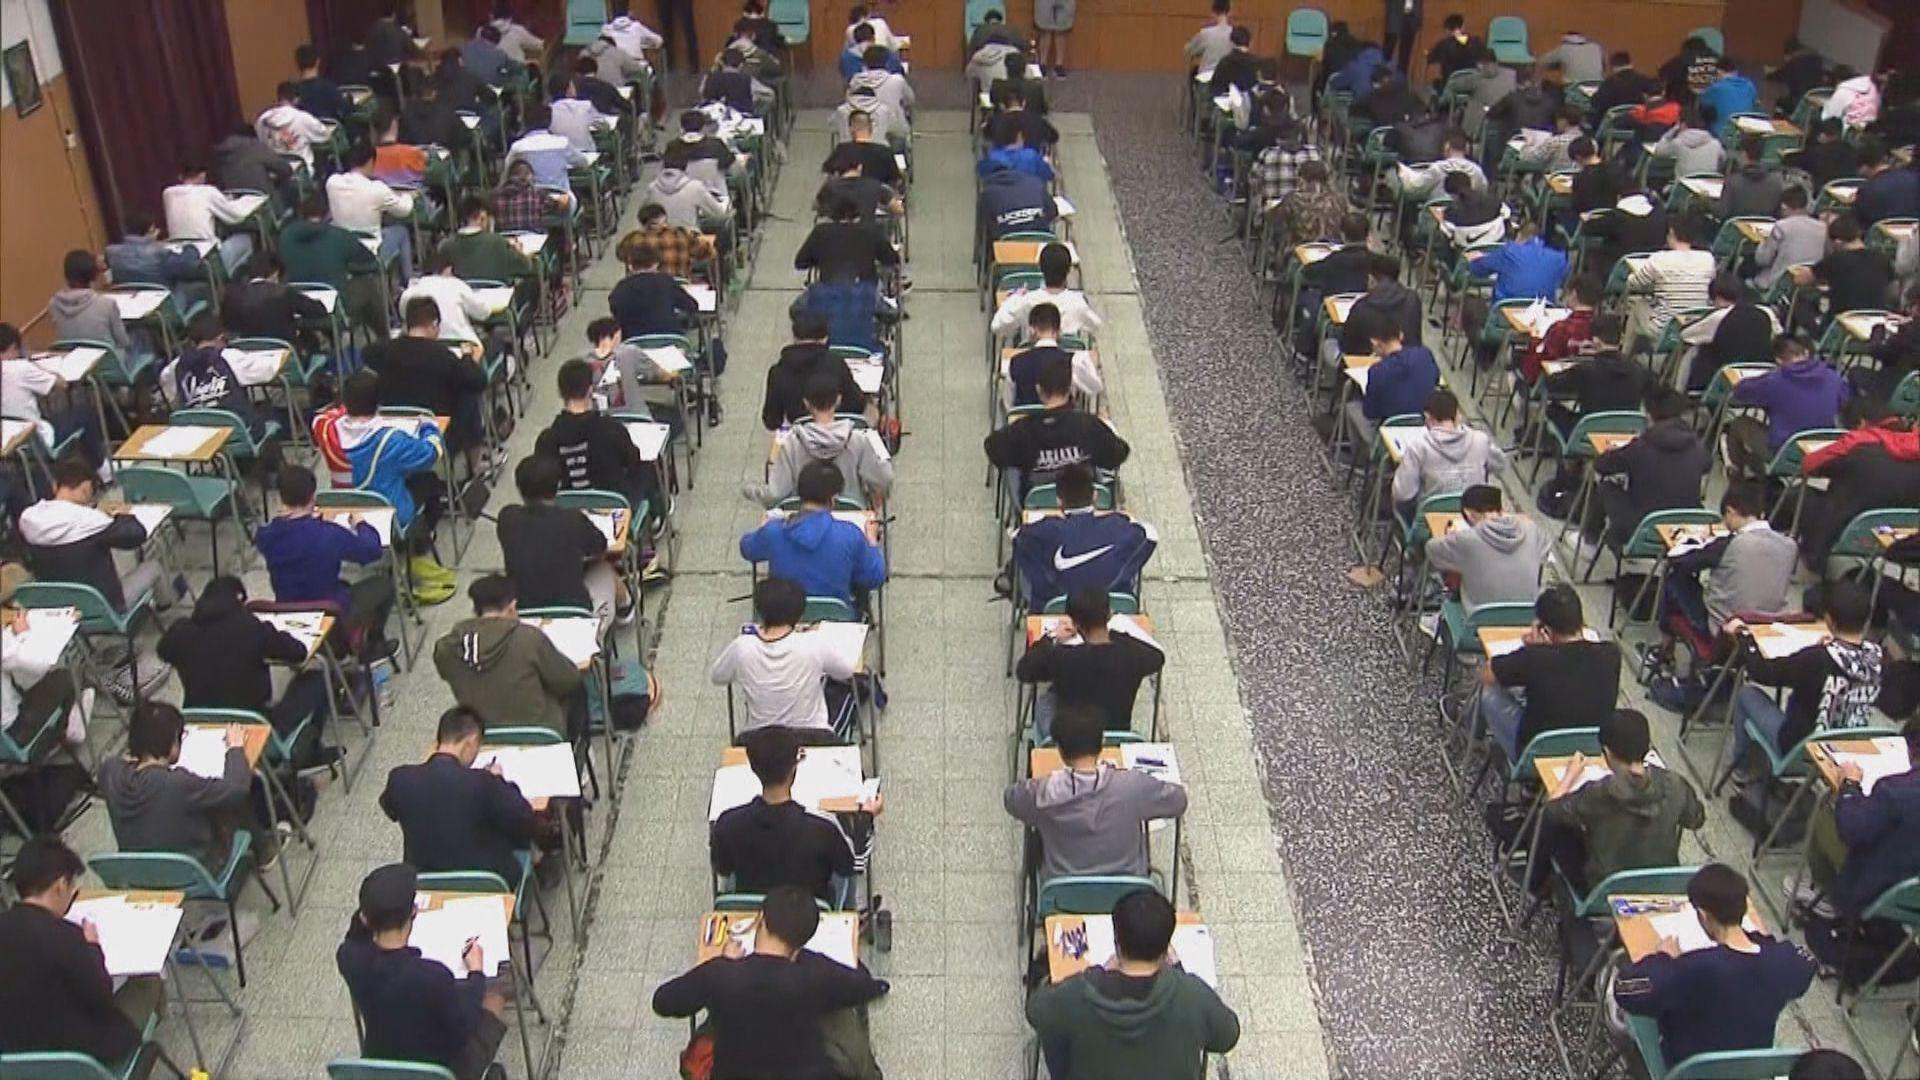 考評局:考生不會因無口罩被拒應考文憑試